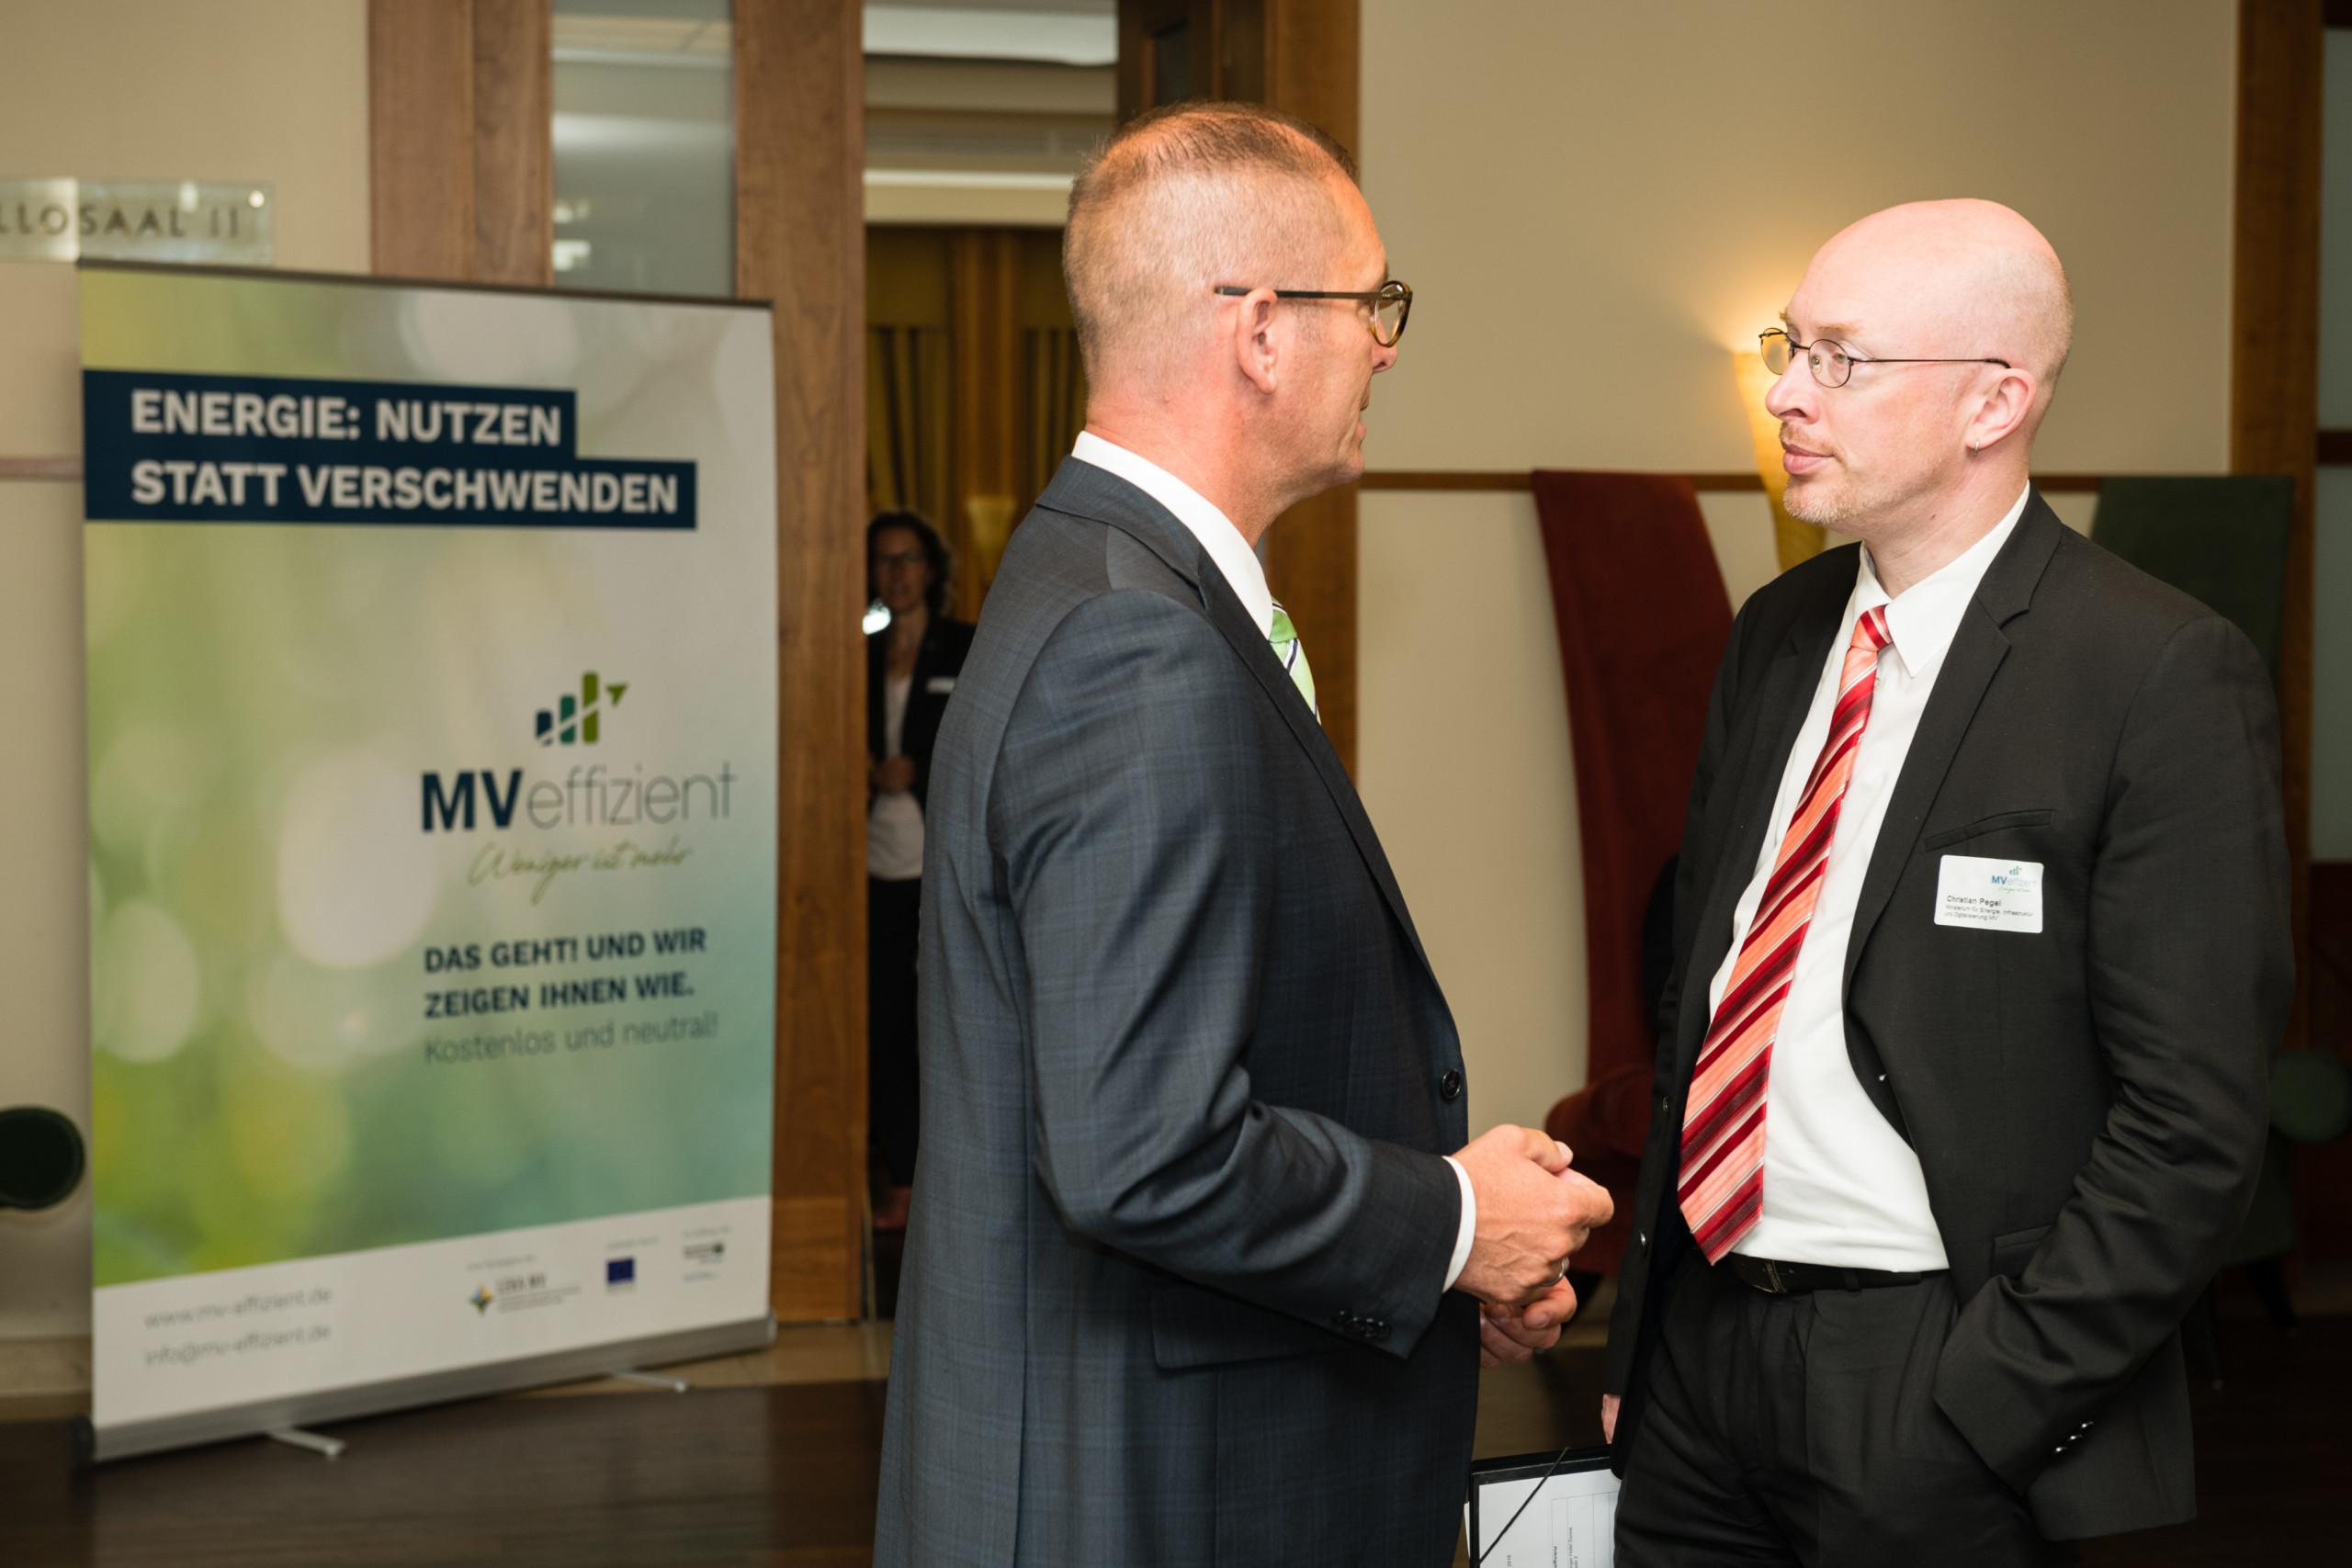 BU: Energieminister Christian Pegel (r.) u. Geschäftsführer der LEKA MV, Gunnar Wobig (l.) geben den Startschuss für die Kampagne MVeffizient (Foto: LEKA MV/Margit Wild)